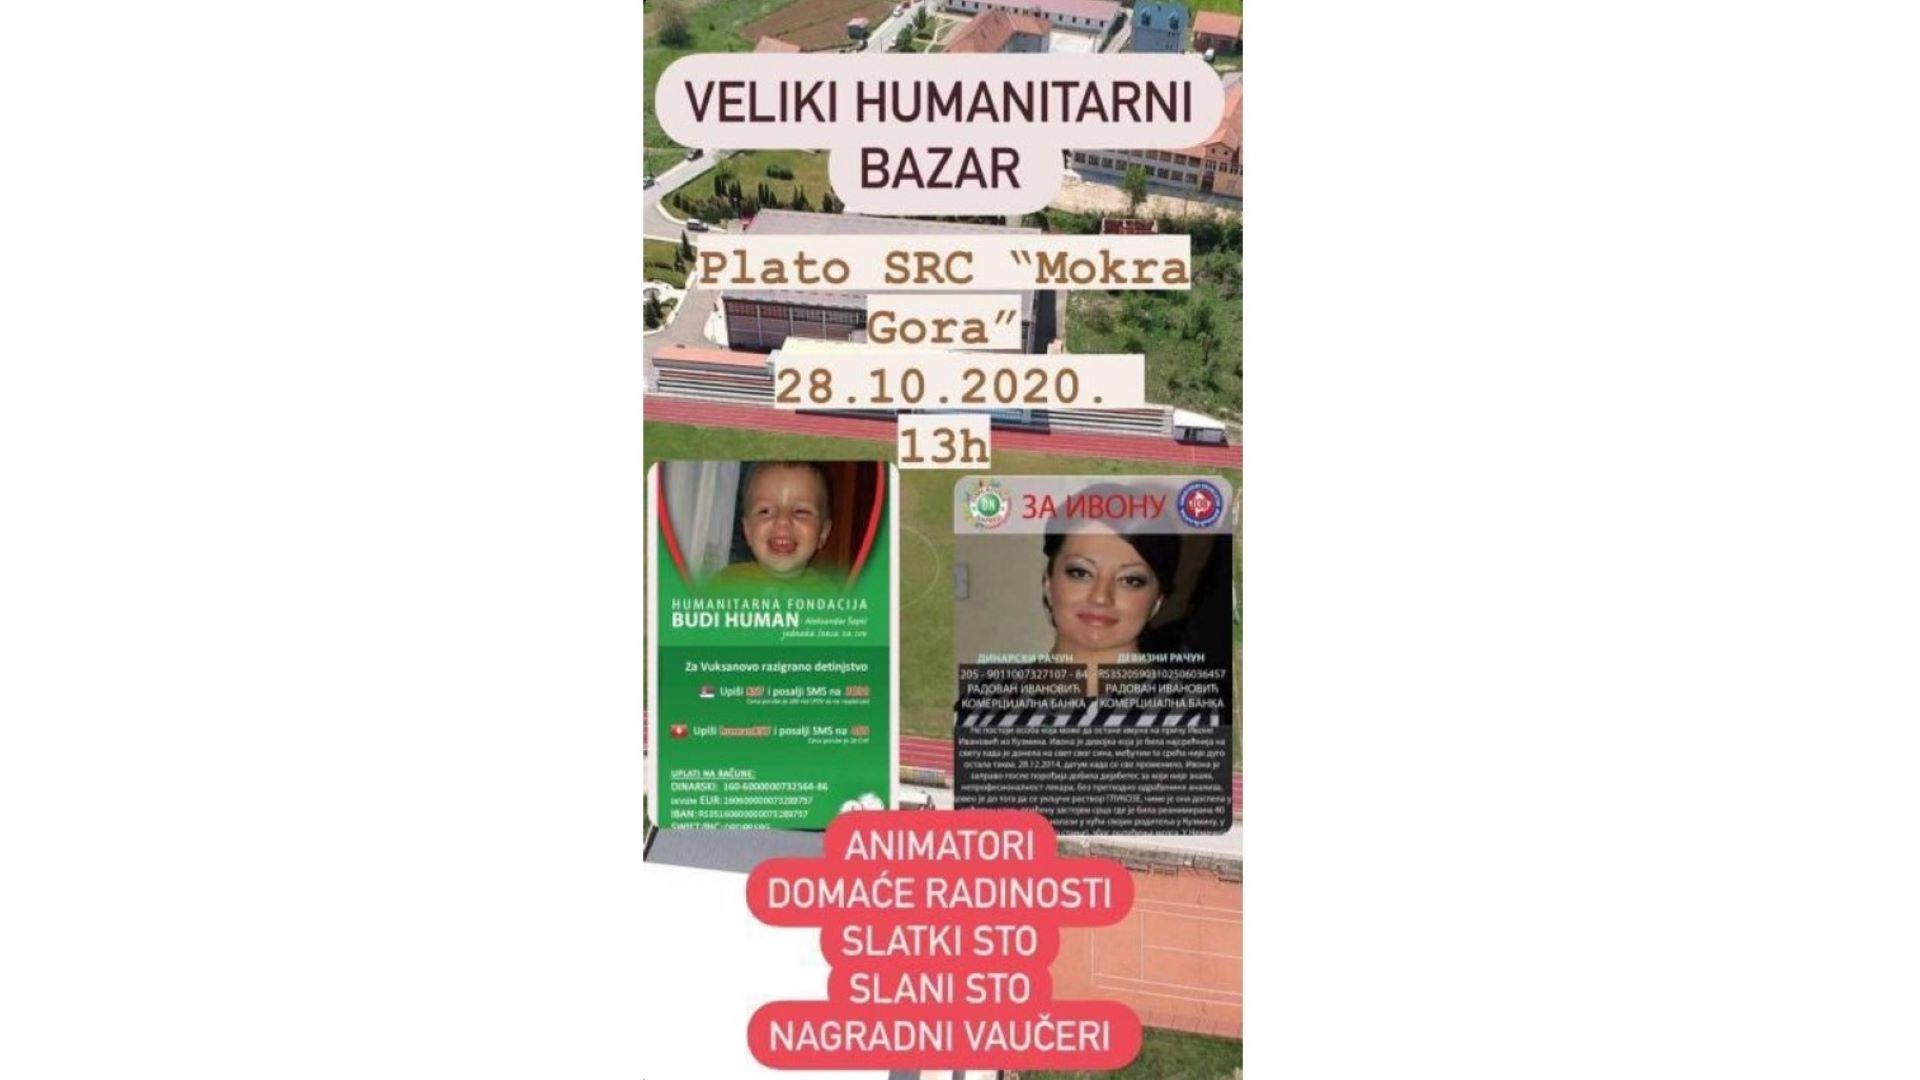 Humanitarni bazar za Vuksana i Ivonu sutra u Zubinom Potoku